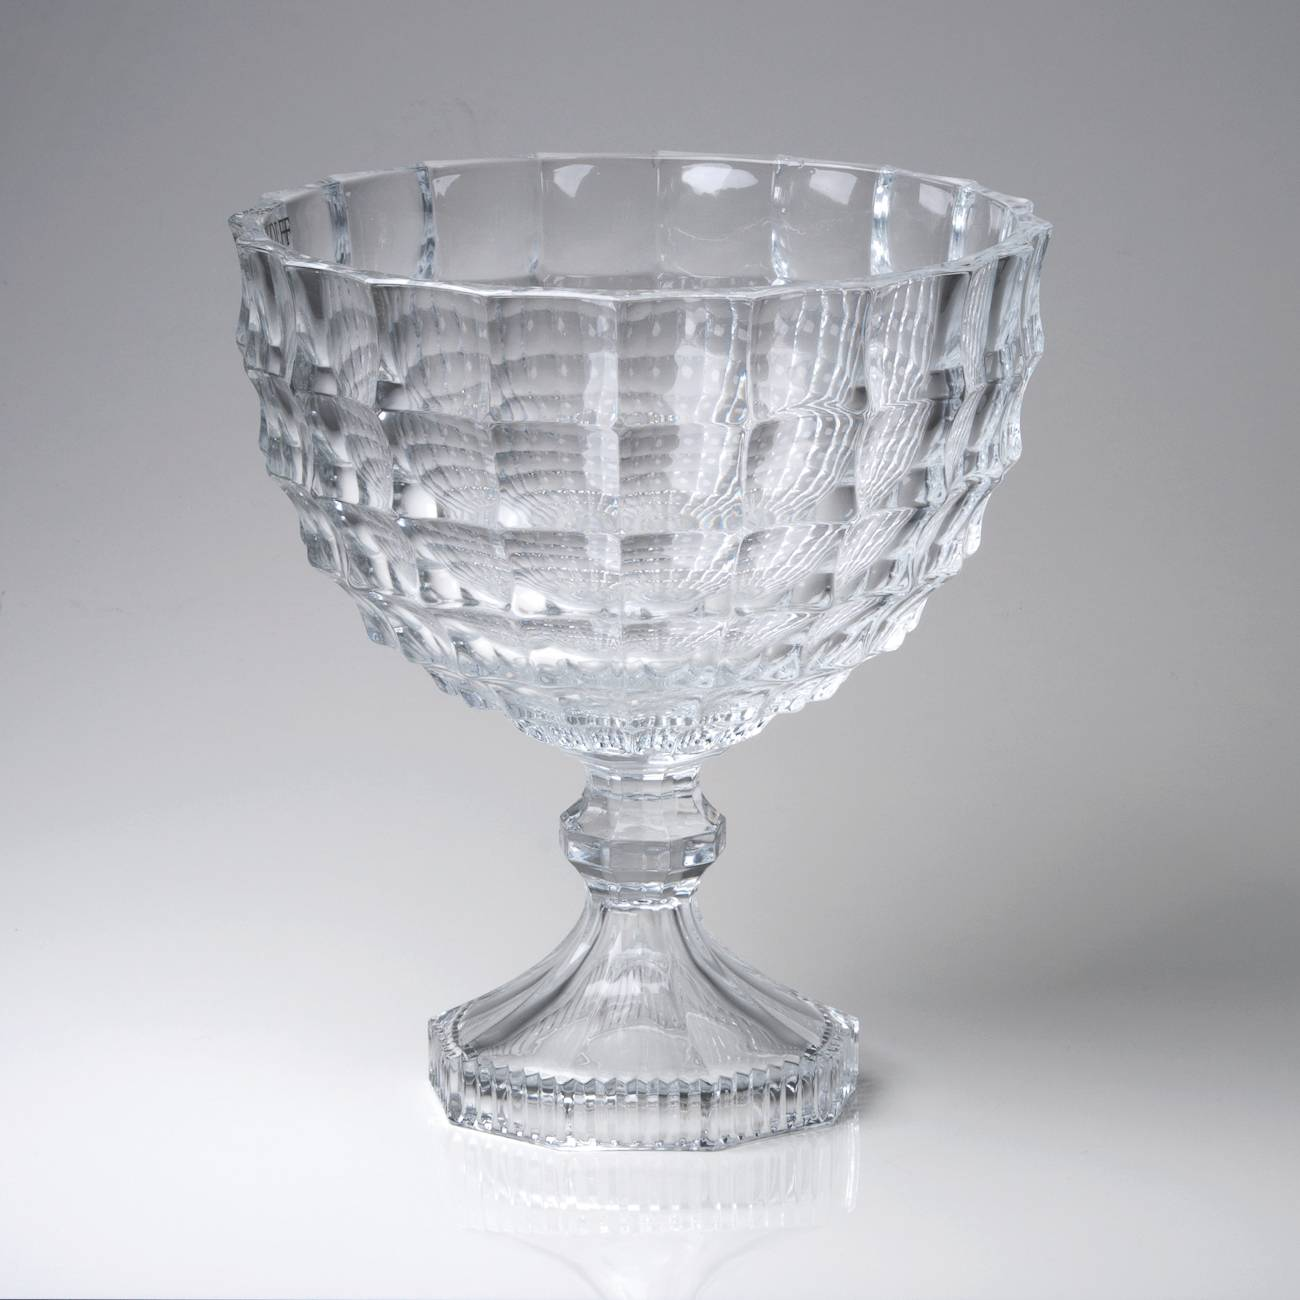 Saladeira Glitz Pedestal em Cristal - Wolff - 24,5x22,5 cm